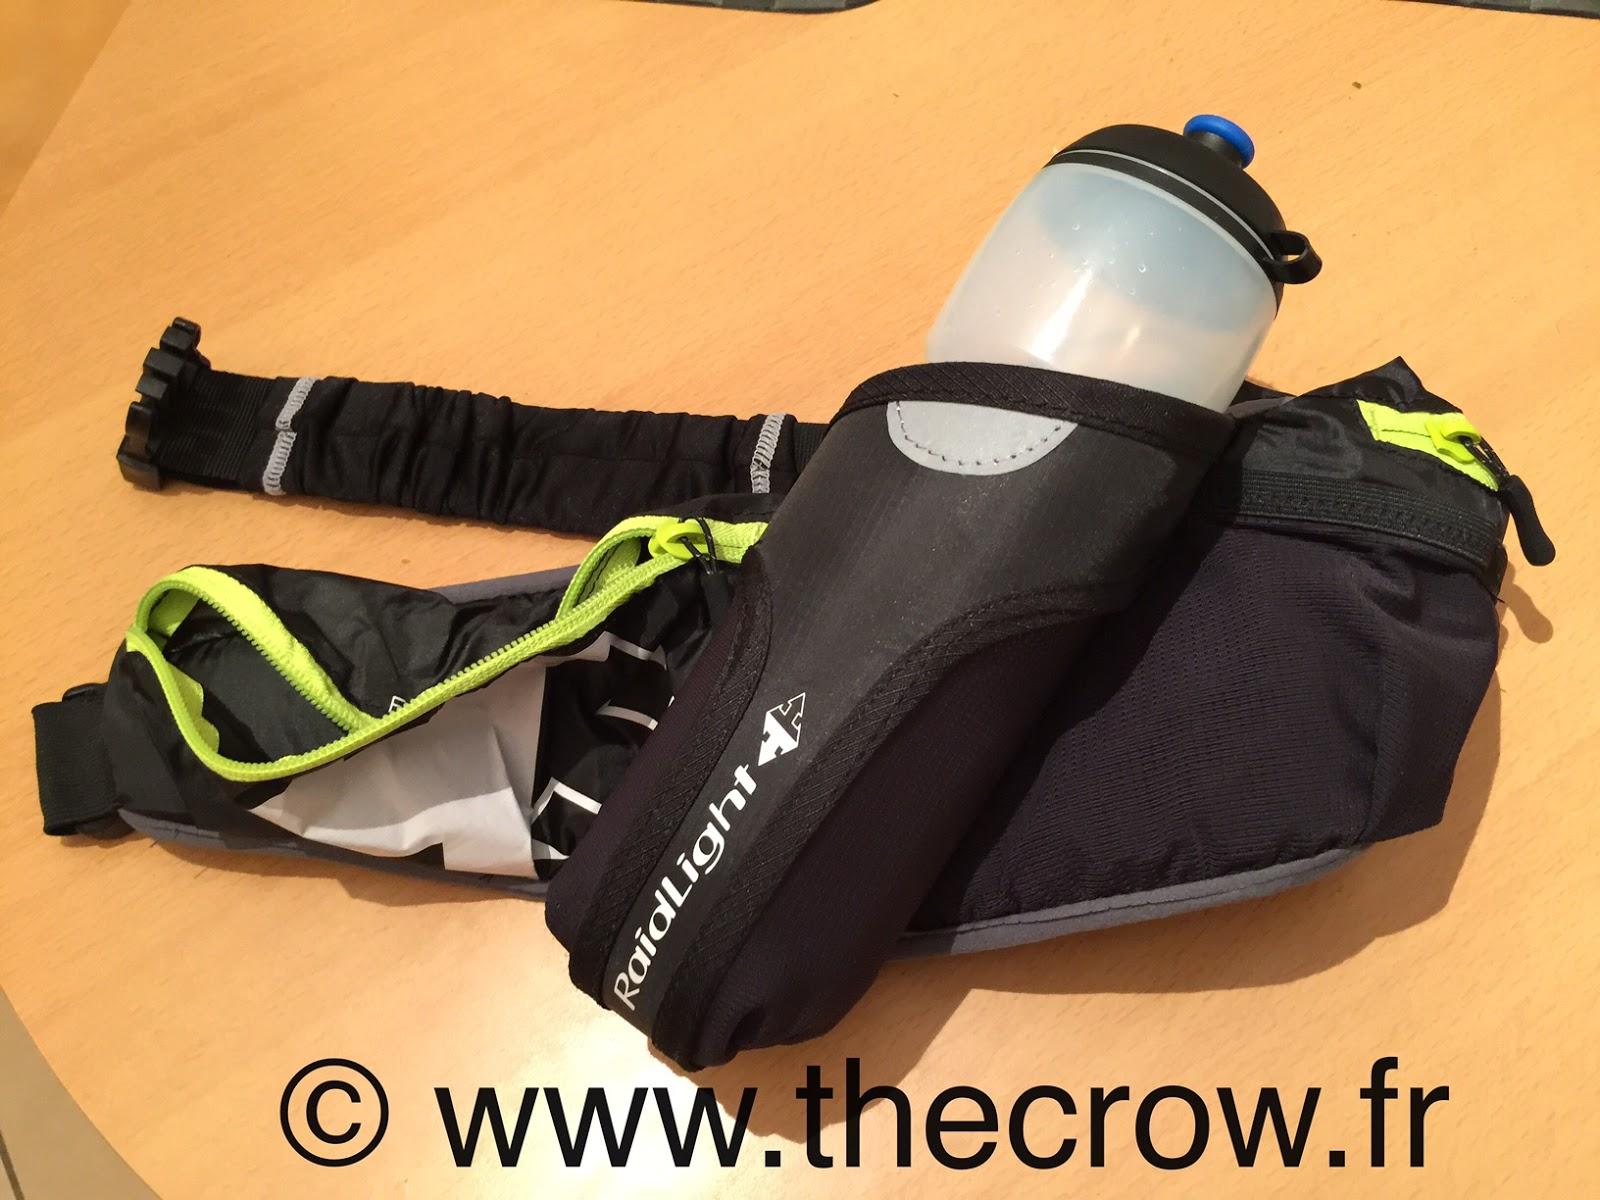 The Crow Tests Sports Et Technologies Le Test De La Raidlight - Ceinture porte bidon